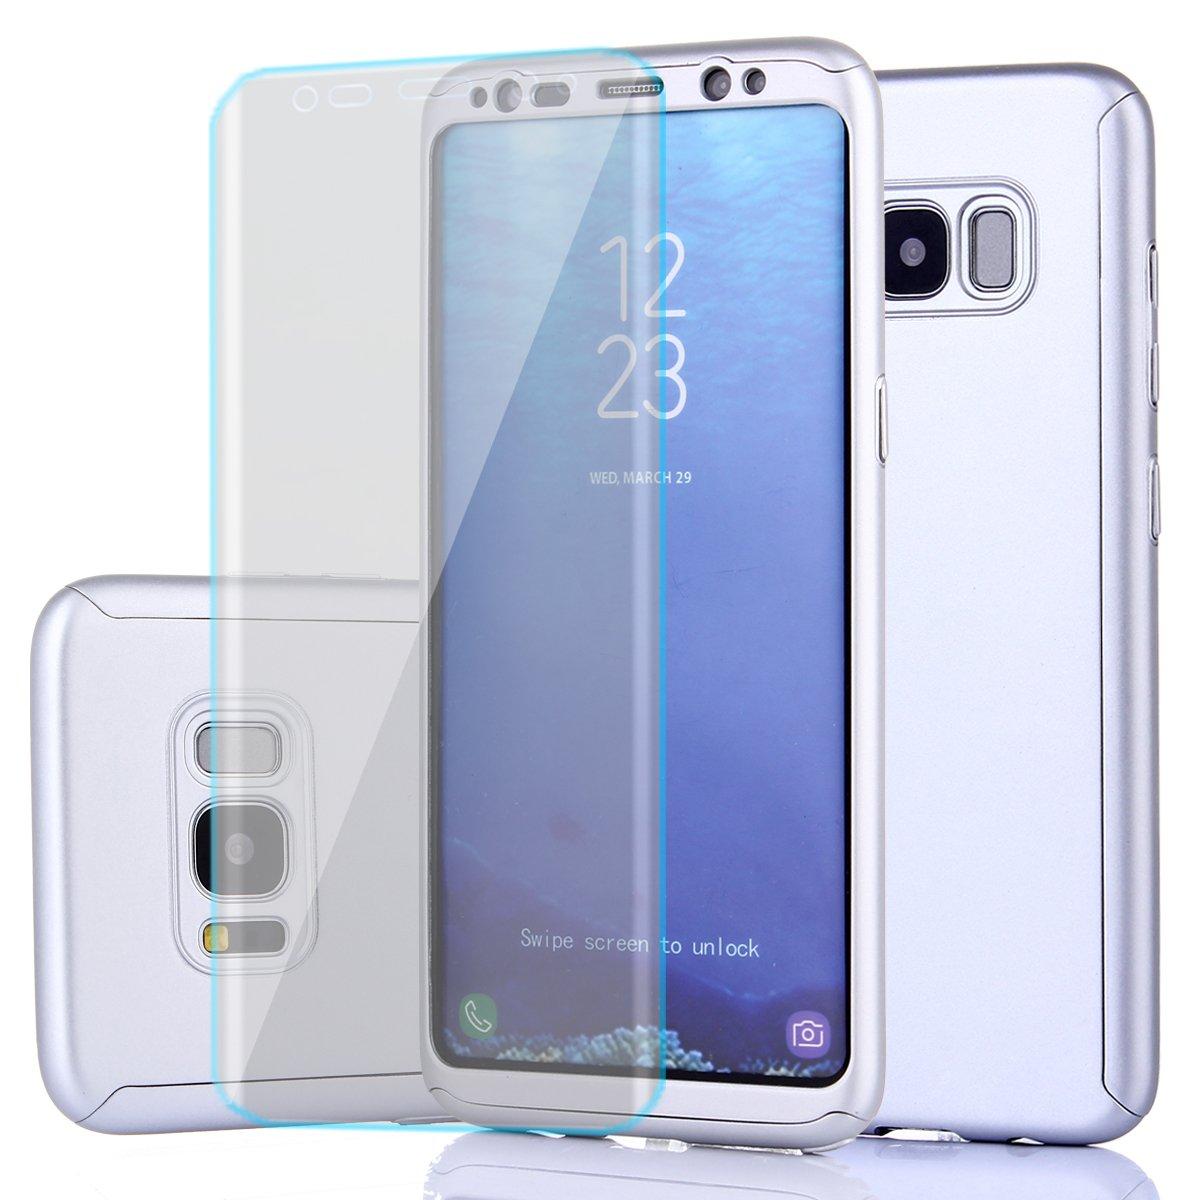 Samsung Galaxy s8ケース、フルボディ保護超薄型ハードPCケースwith aソフトHDスクリーンプロテクター360すべてラウンドAnti Scratchリムーバブルハイブリッドカバーfor Galaxy s8 6-12 months B073JSQCP1 シルバー シルバー